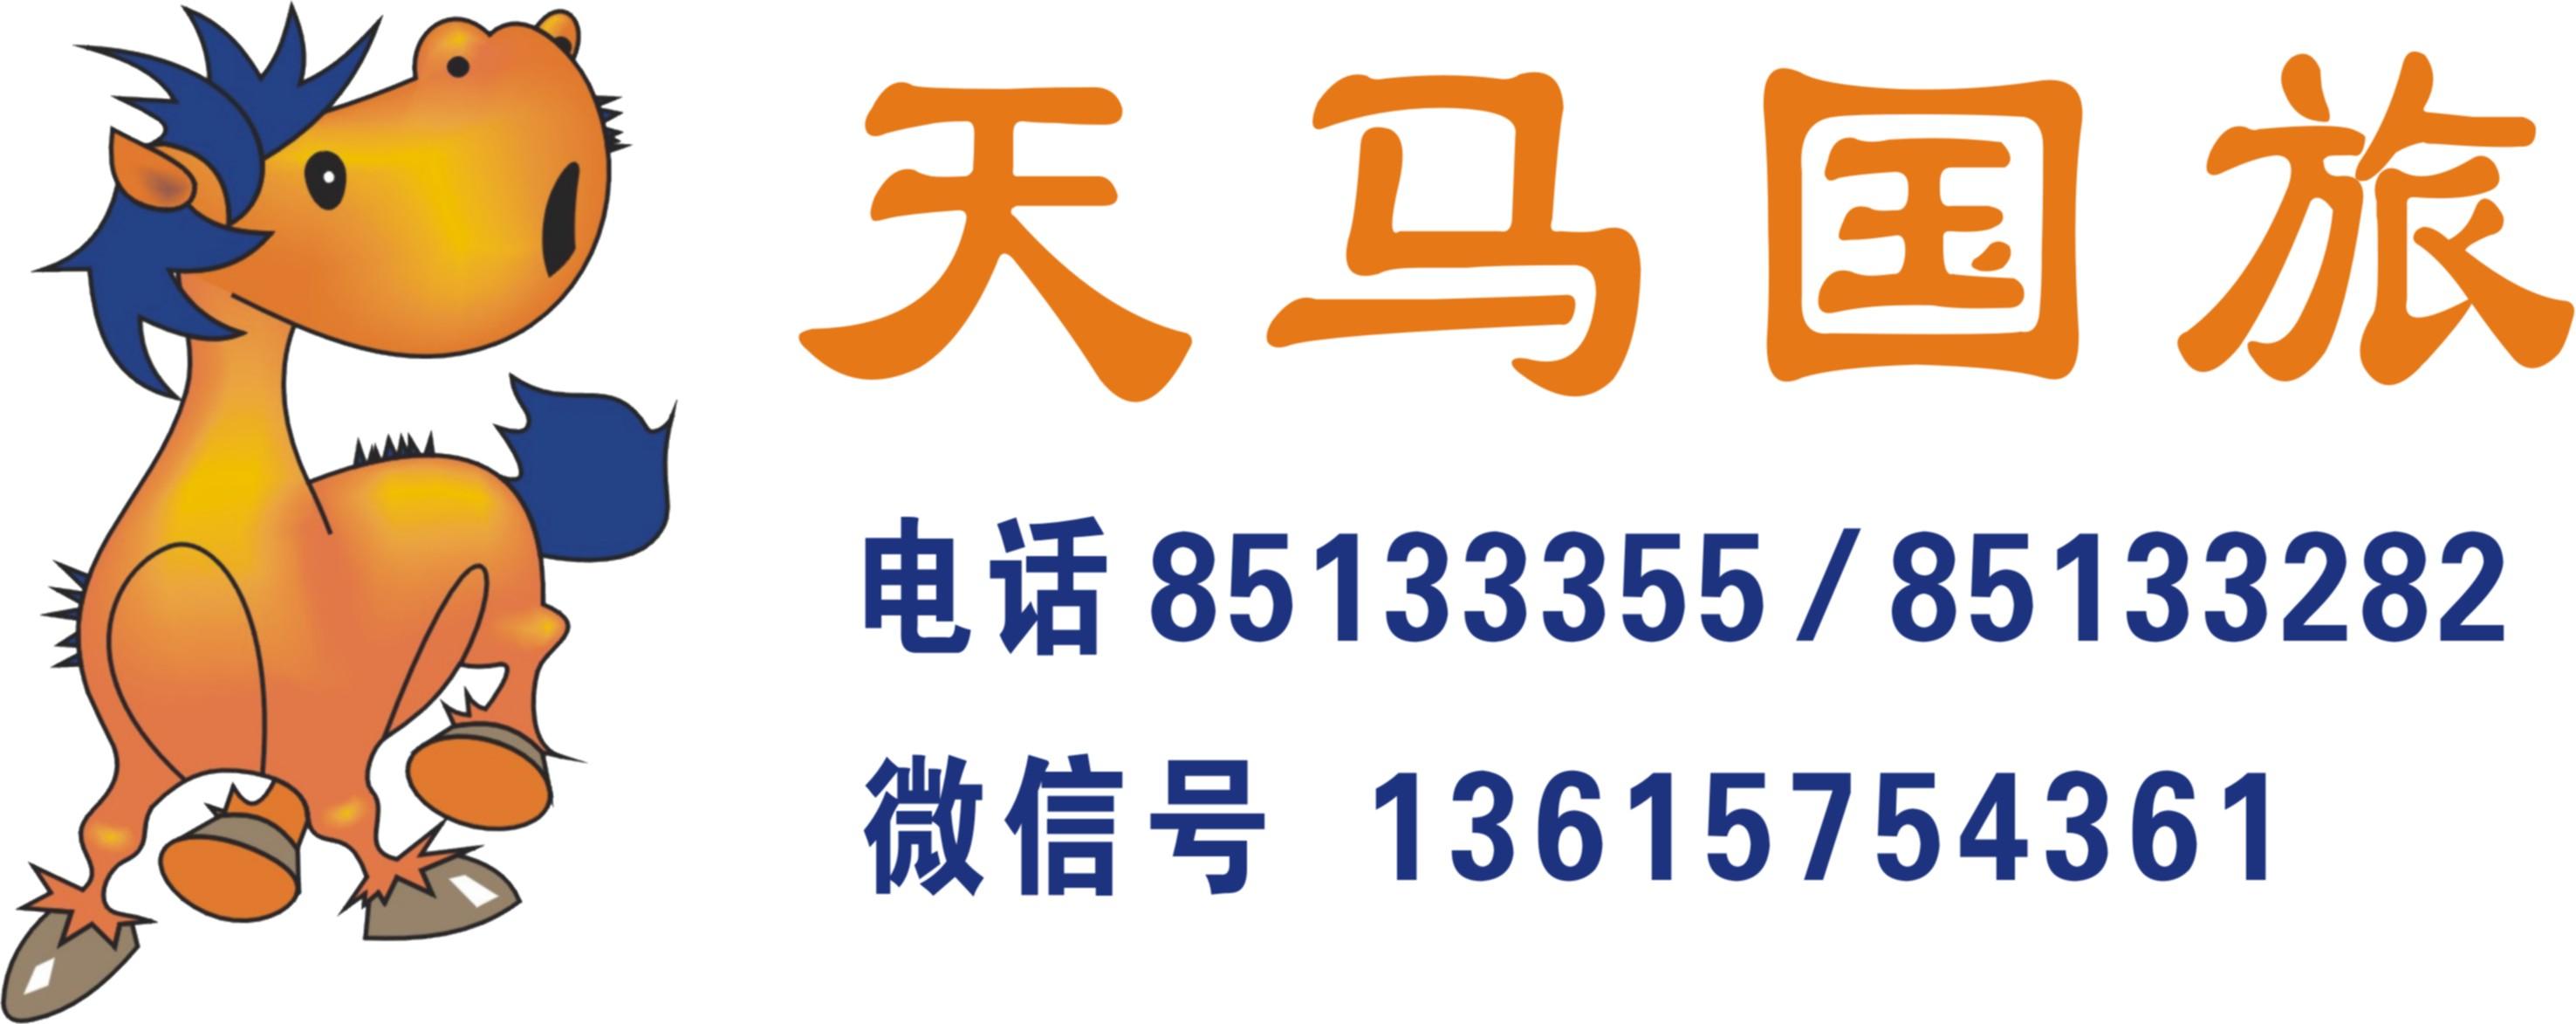 5.31【苏州甪直古镇、城隍庙、拈花湾、三国水浒、恐龙园三】